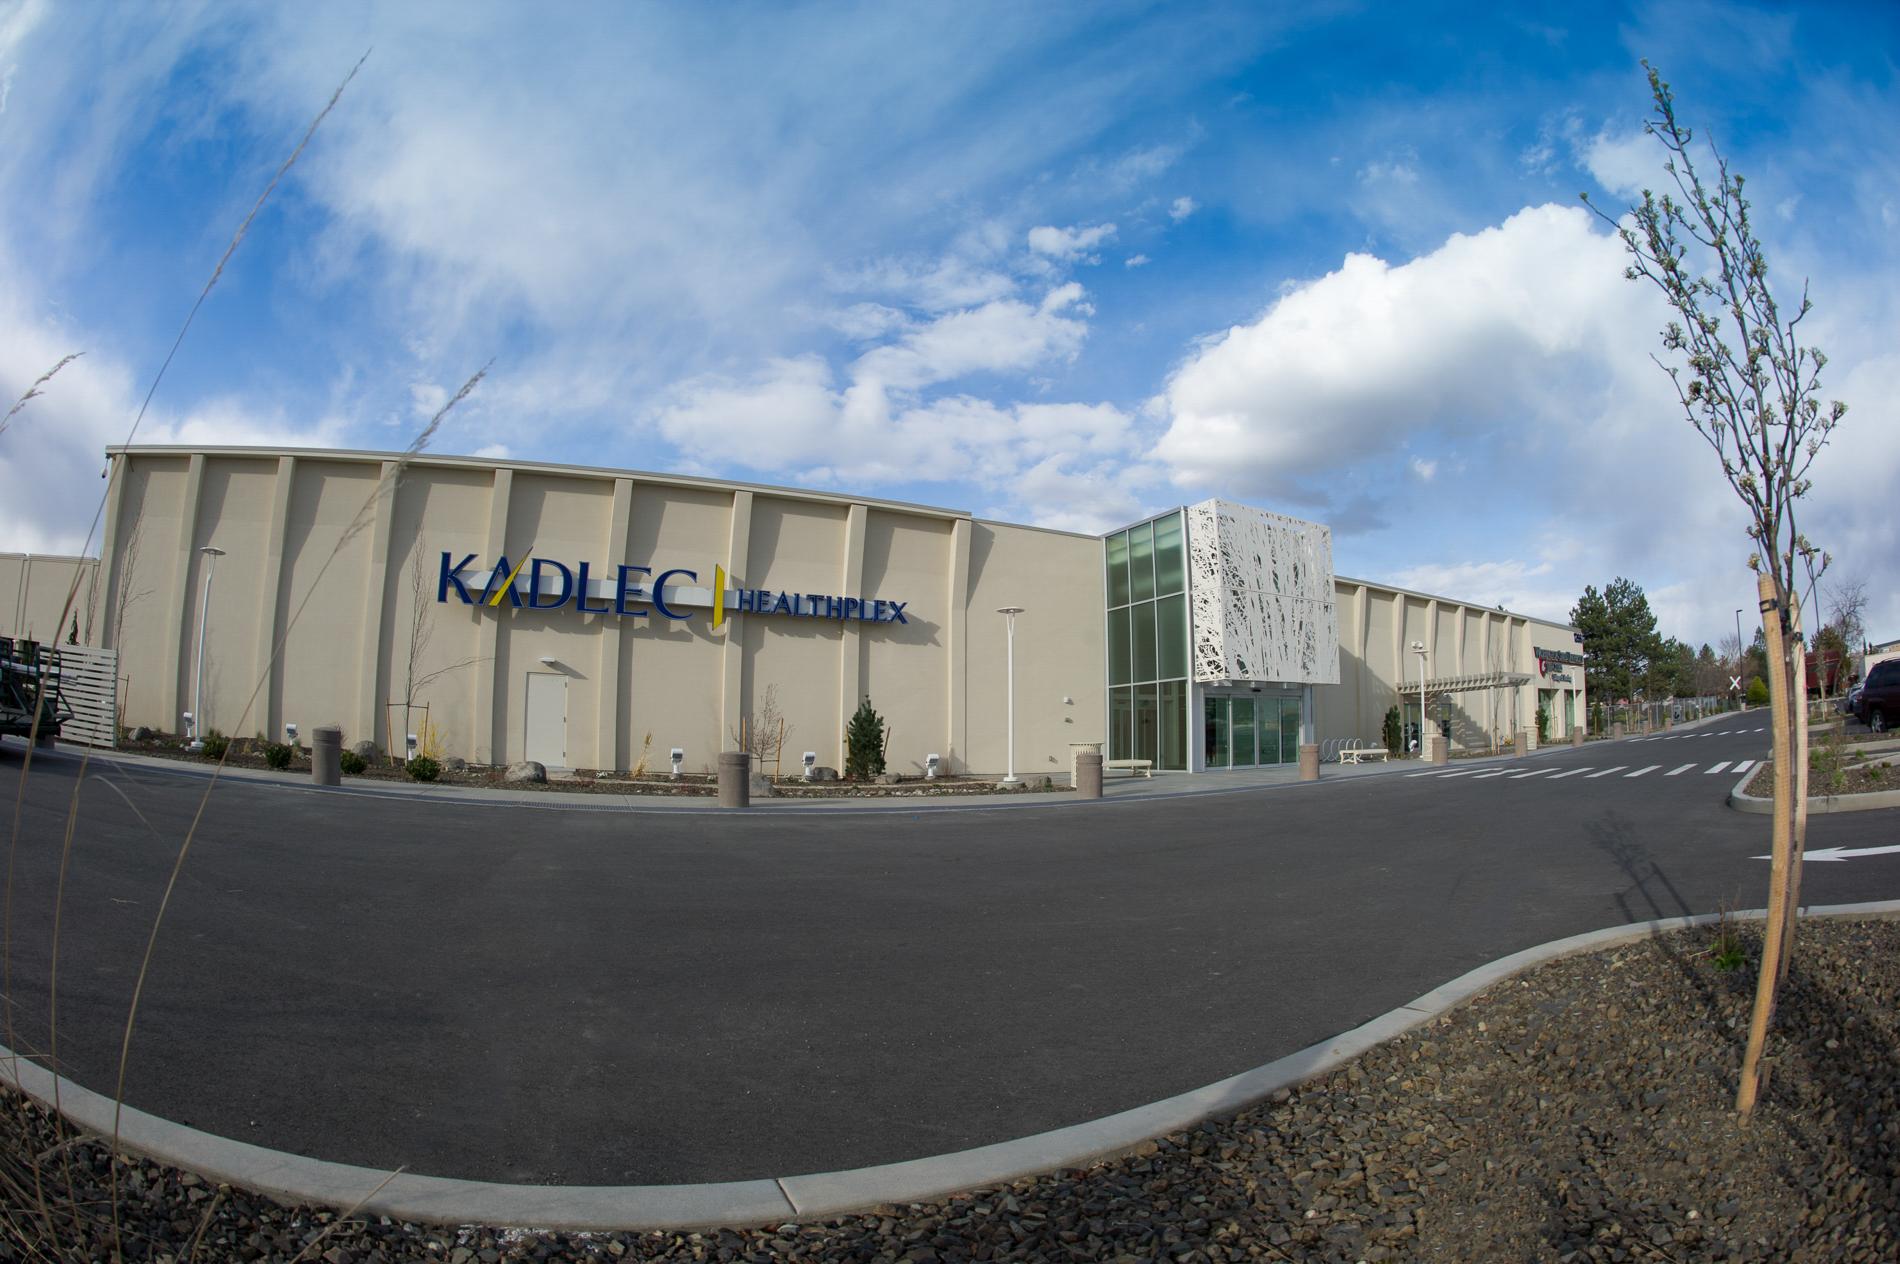 Exterior of Kadlec Healthplex